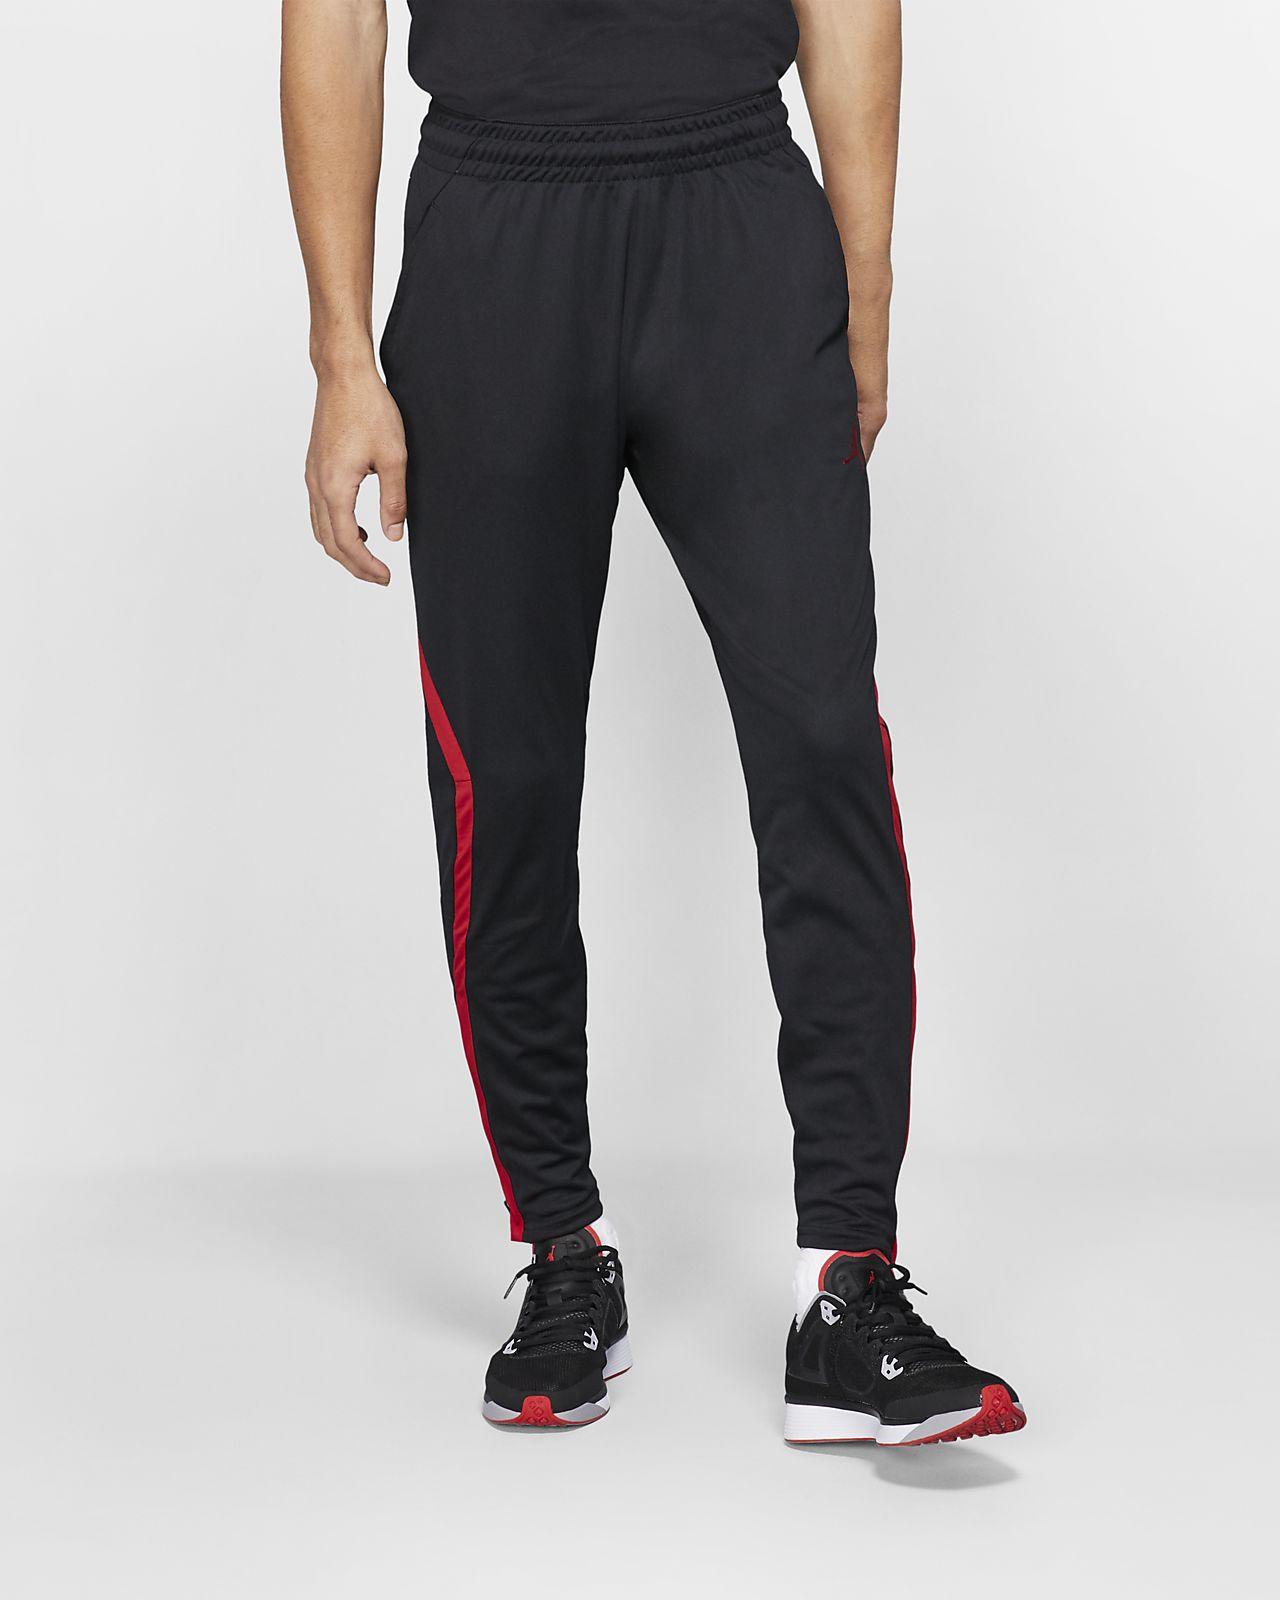 dc693fbc17de Jordan Dri-FIT 23 Alpha Men s Basketball Pants. Nike.com